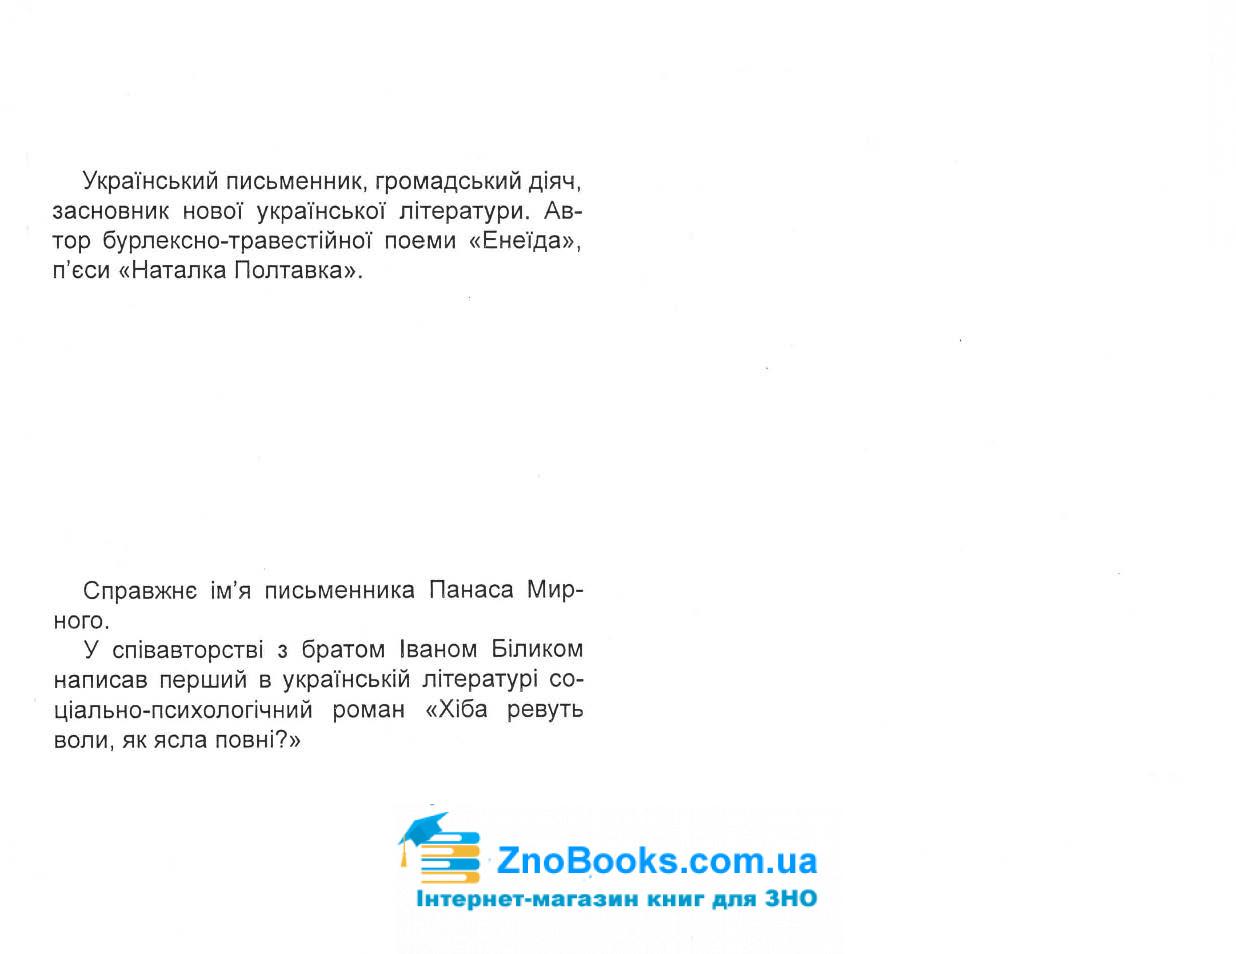 Картки : Як вивчити творчість письменника за три дні. Українська література ЗНО : Бондаренко Ю. Абетка 2